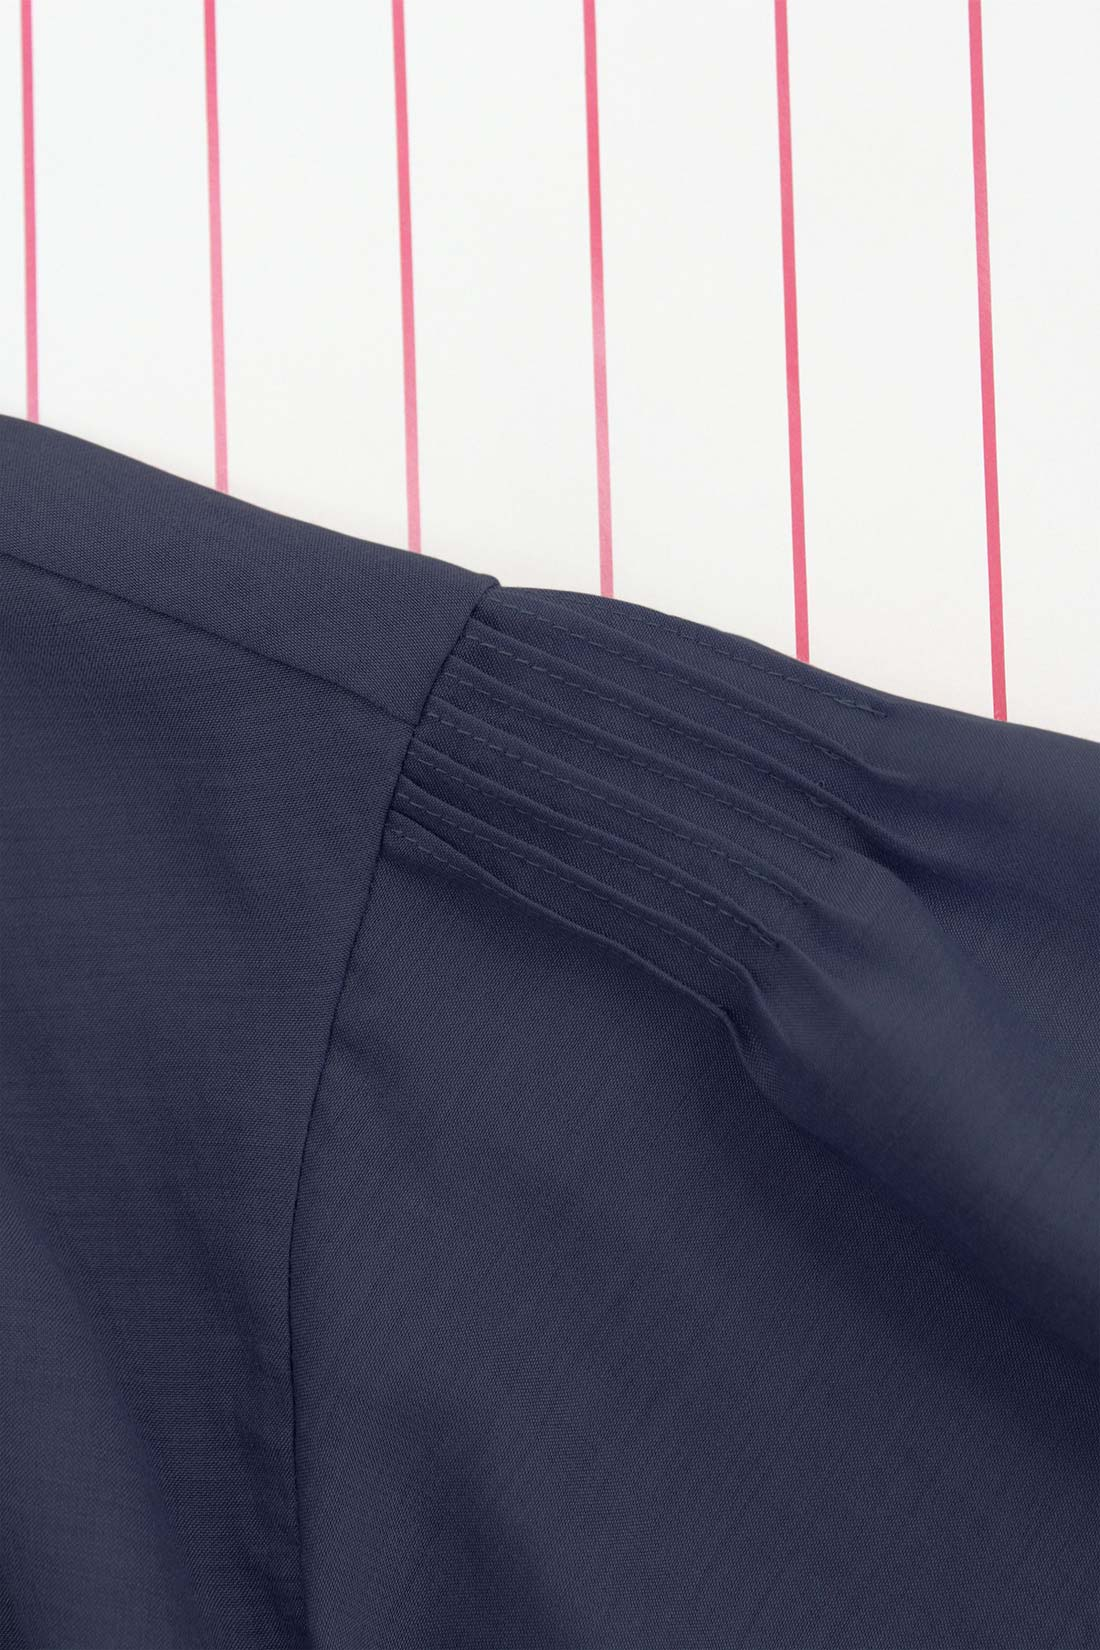 袖山のタックや前すそのデザインなどこだわりのディテール。